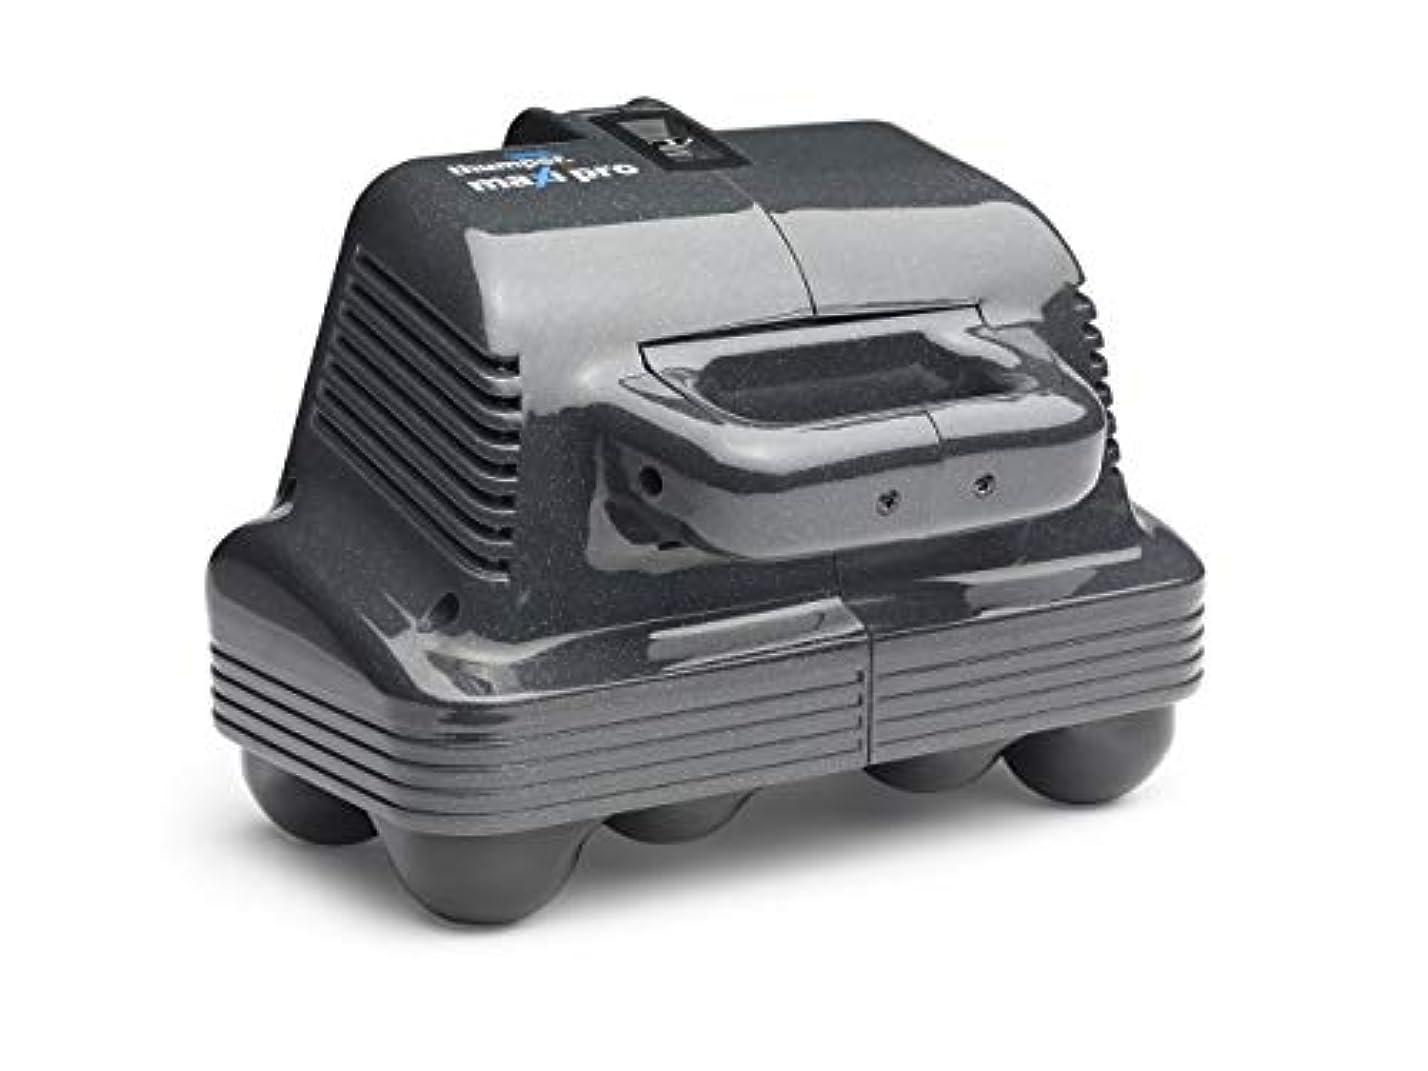 今晩旅行退却Thumper Maxi Pro プロフェッショナル 電気マッサージャー